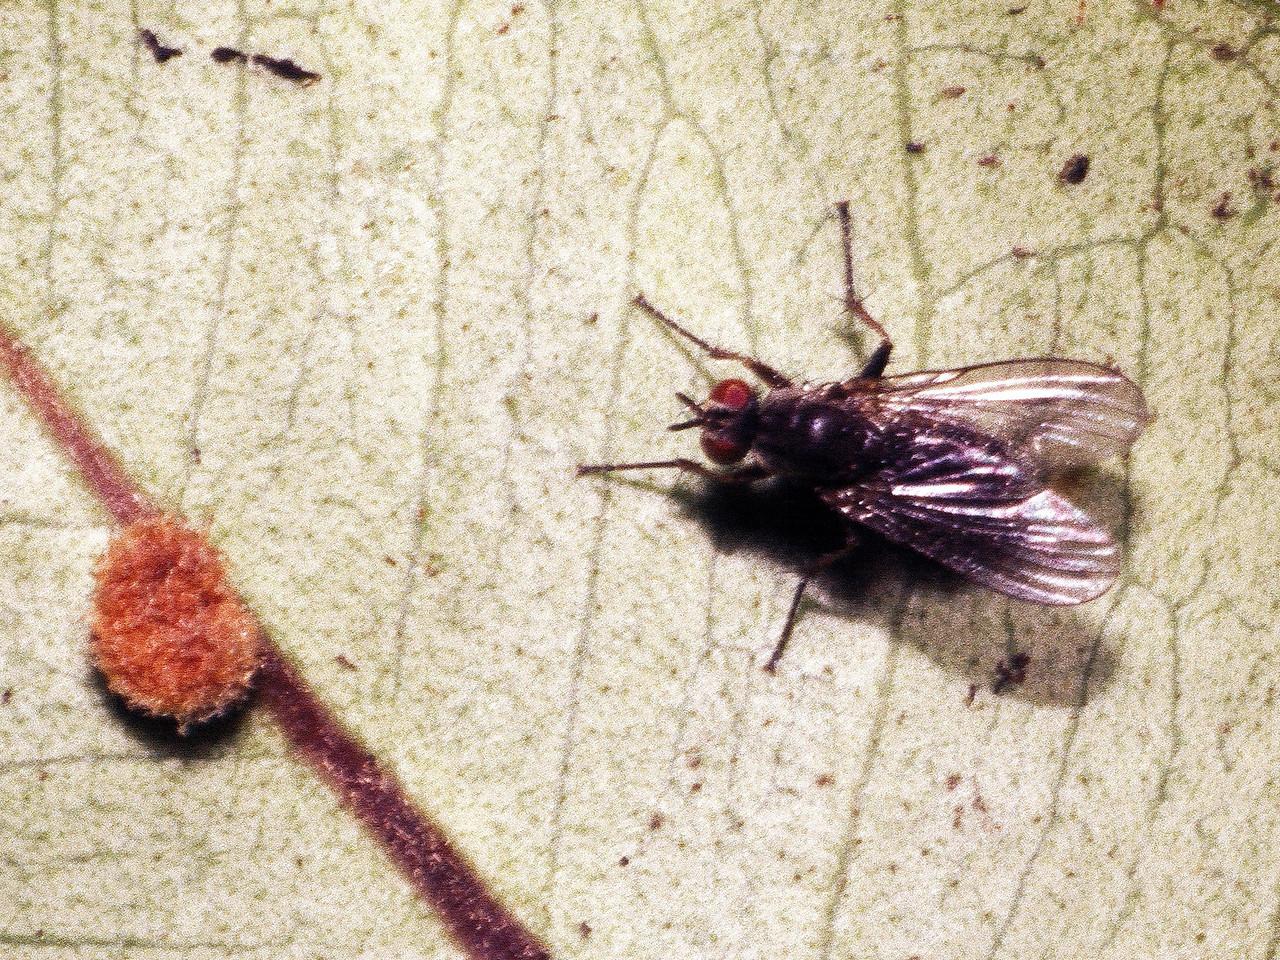 Lispocephala sp. (Diptera: Muscidae) on Melicope clusiifolia, West Maui